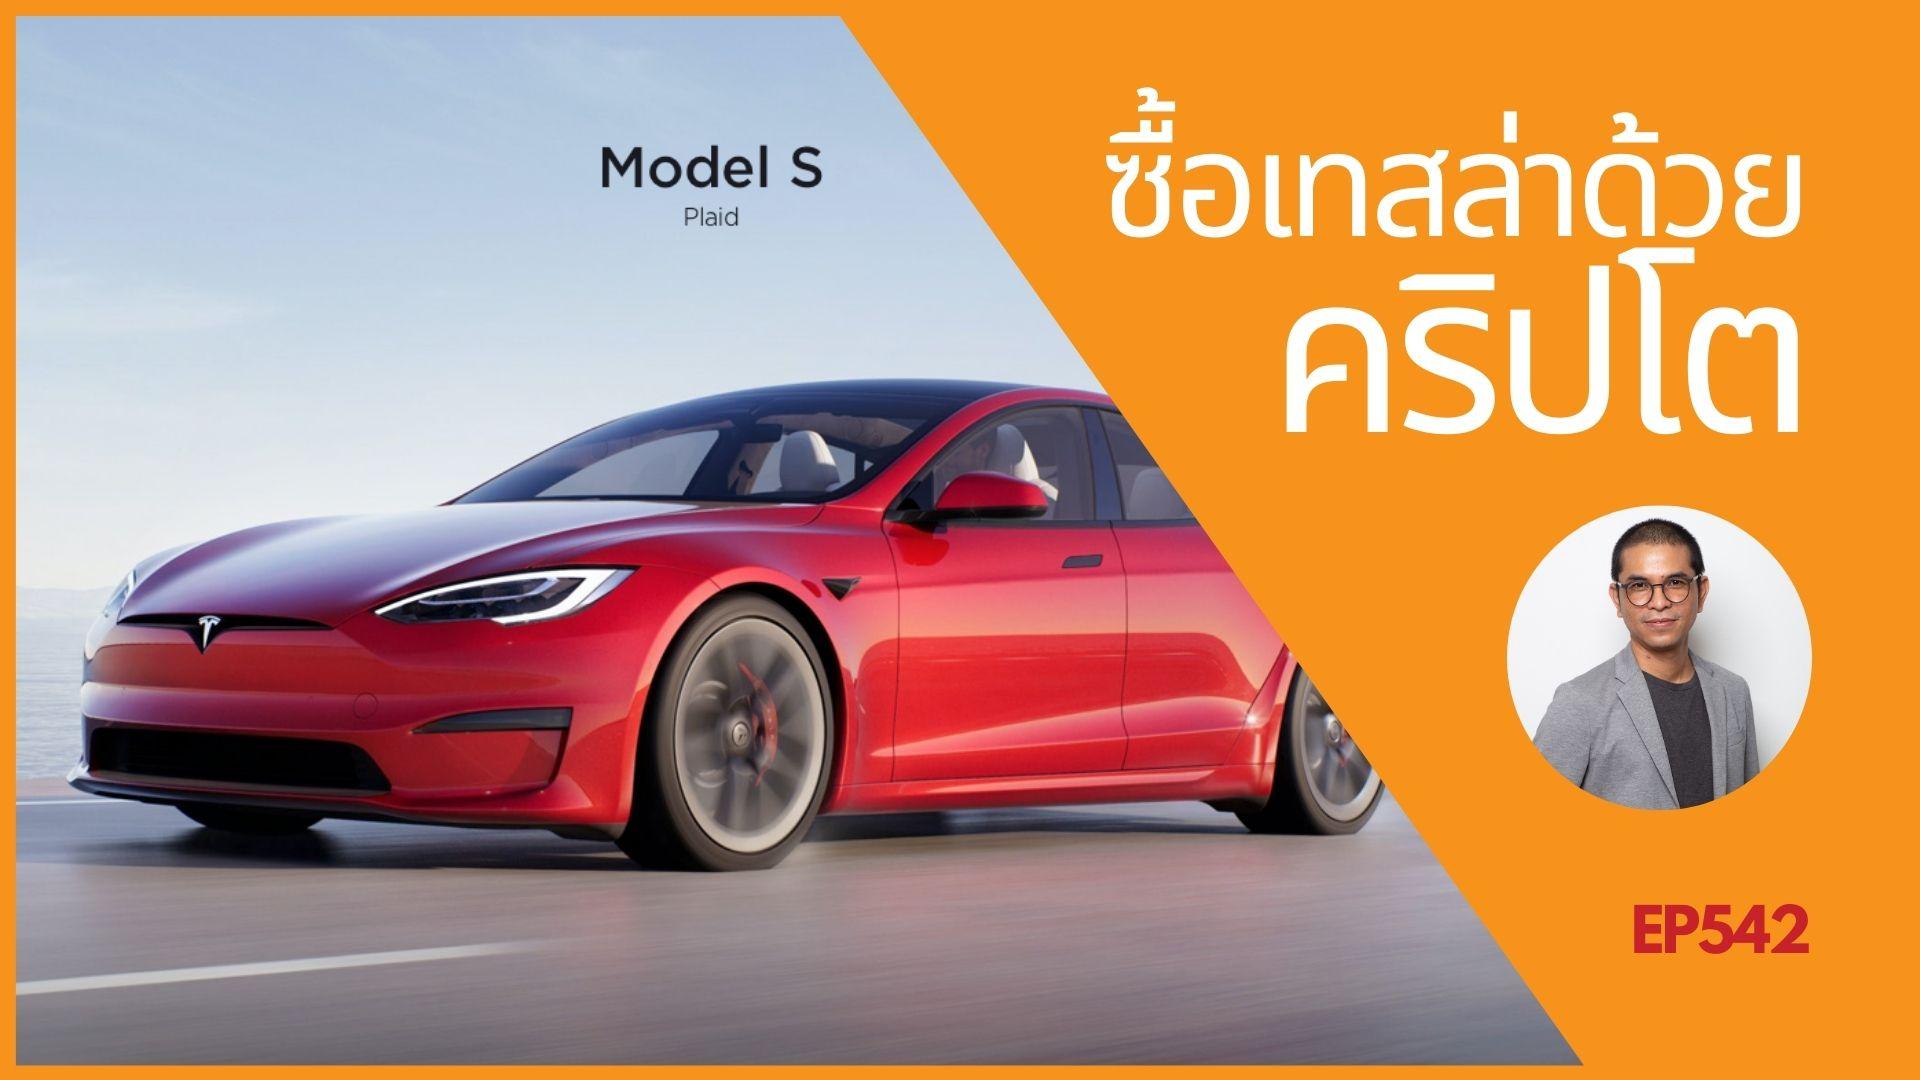 ซื้อ Tesla ด้วยคริปโต